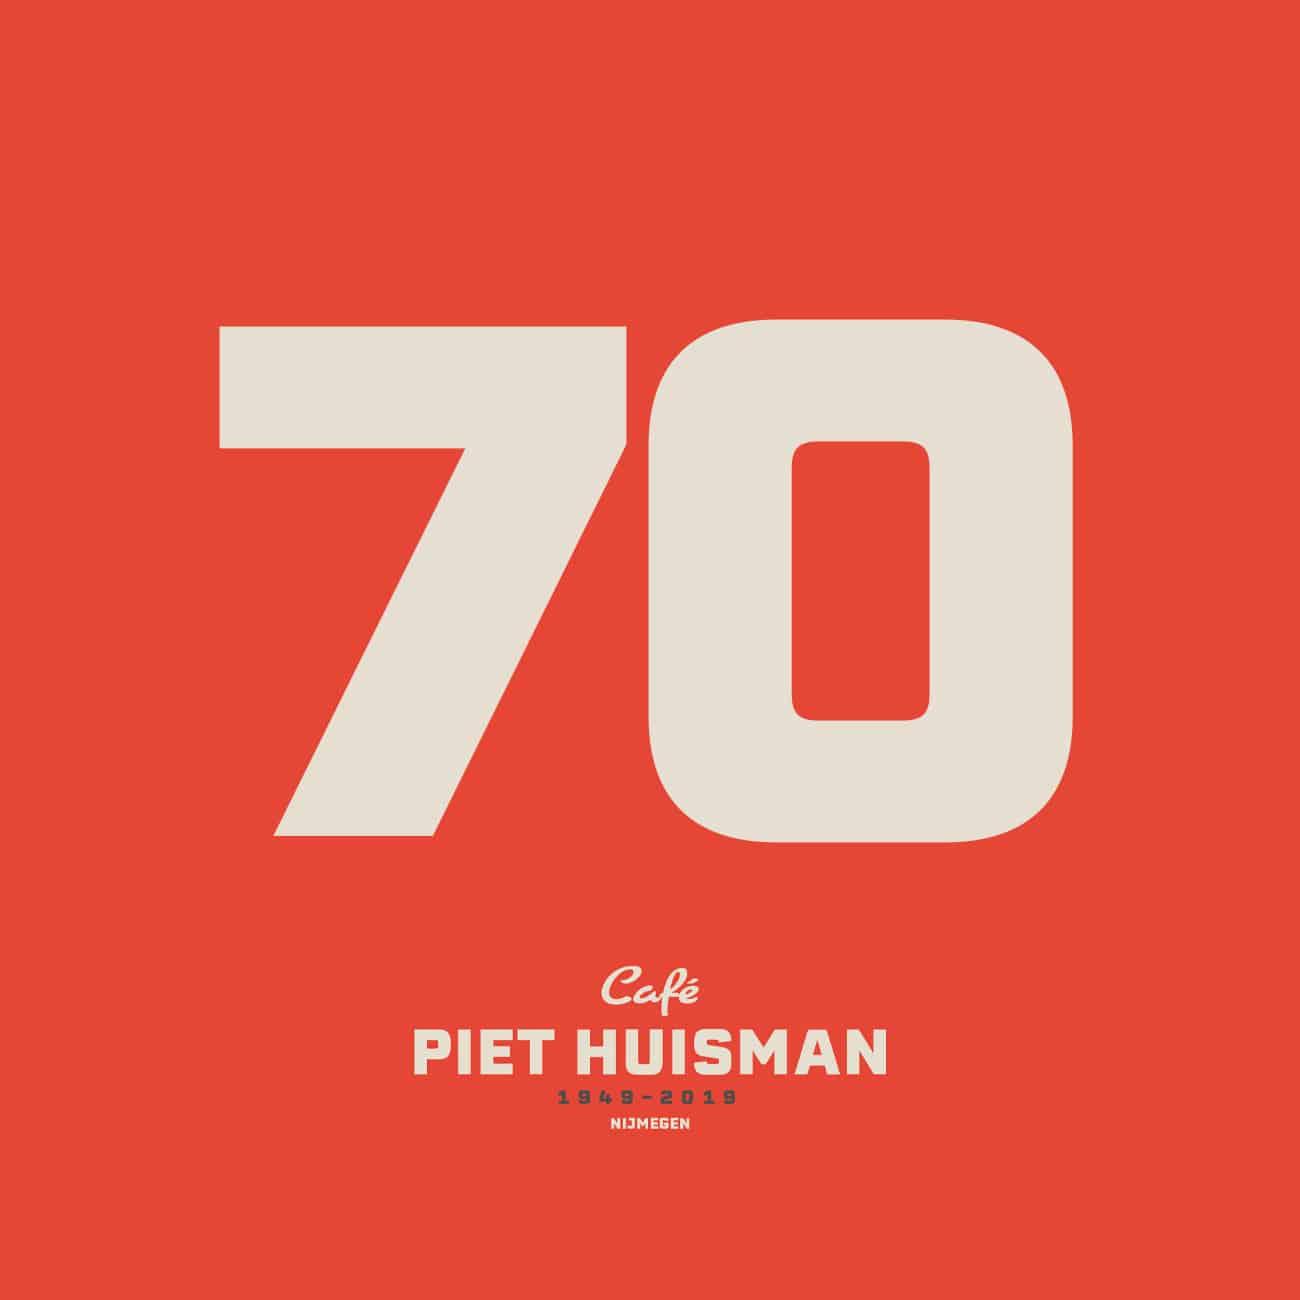 Piet Huisman - Logo 70 jaar